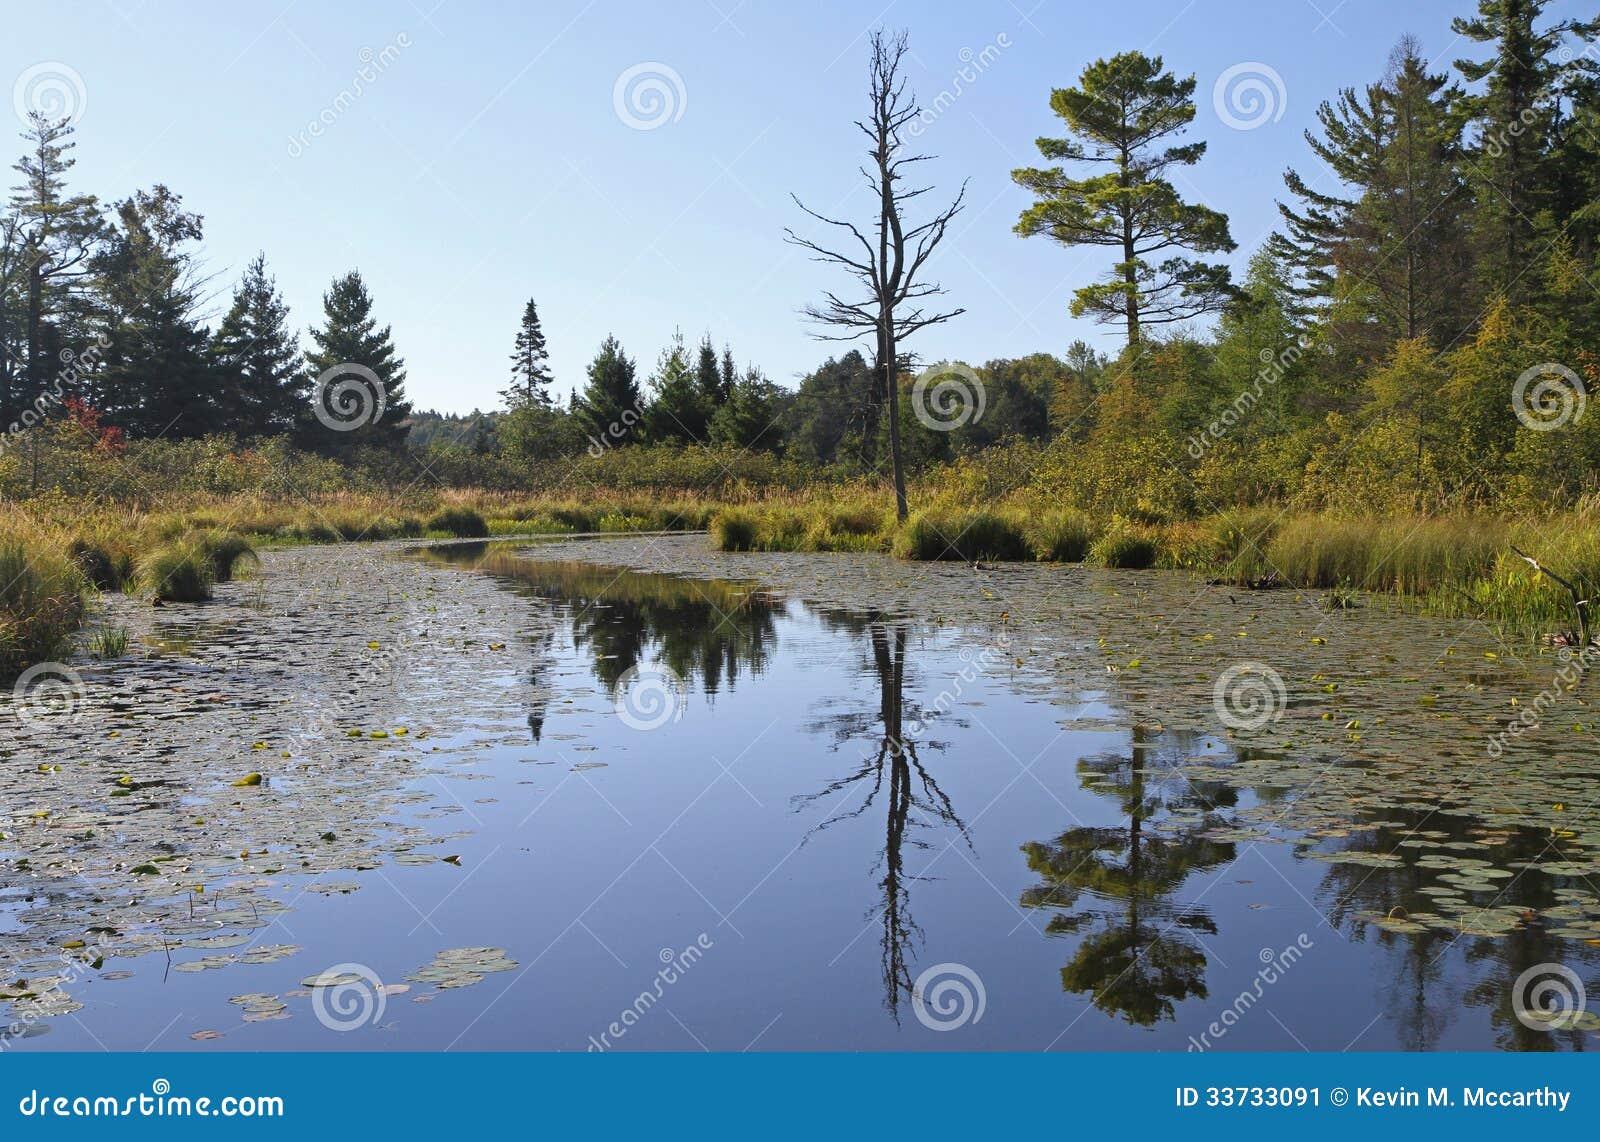 Спокойный водный путь глуши с отражениями